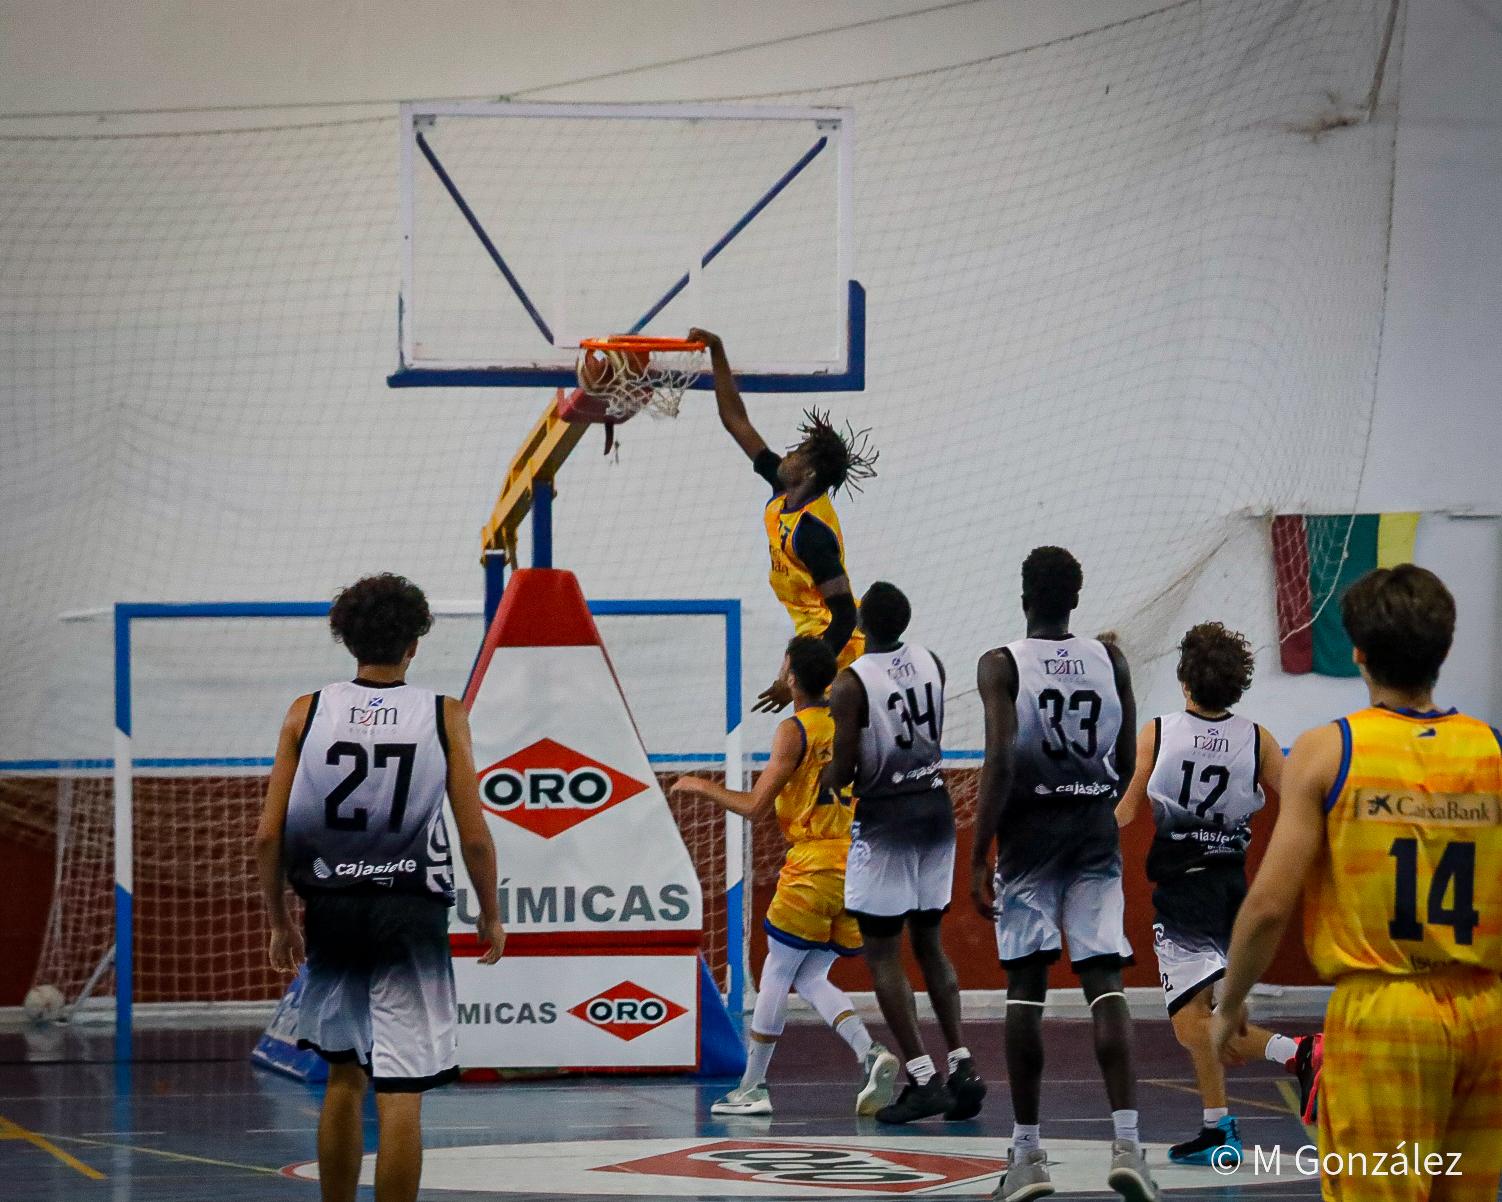 [Galería] @m.gonzalez.ph documentó el triunfo amarillo ante el Santa Cruz, en el Campeonato Júnior Autonómico